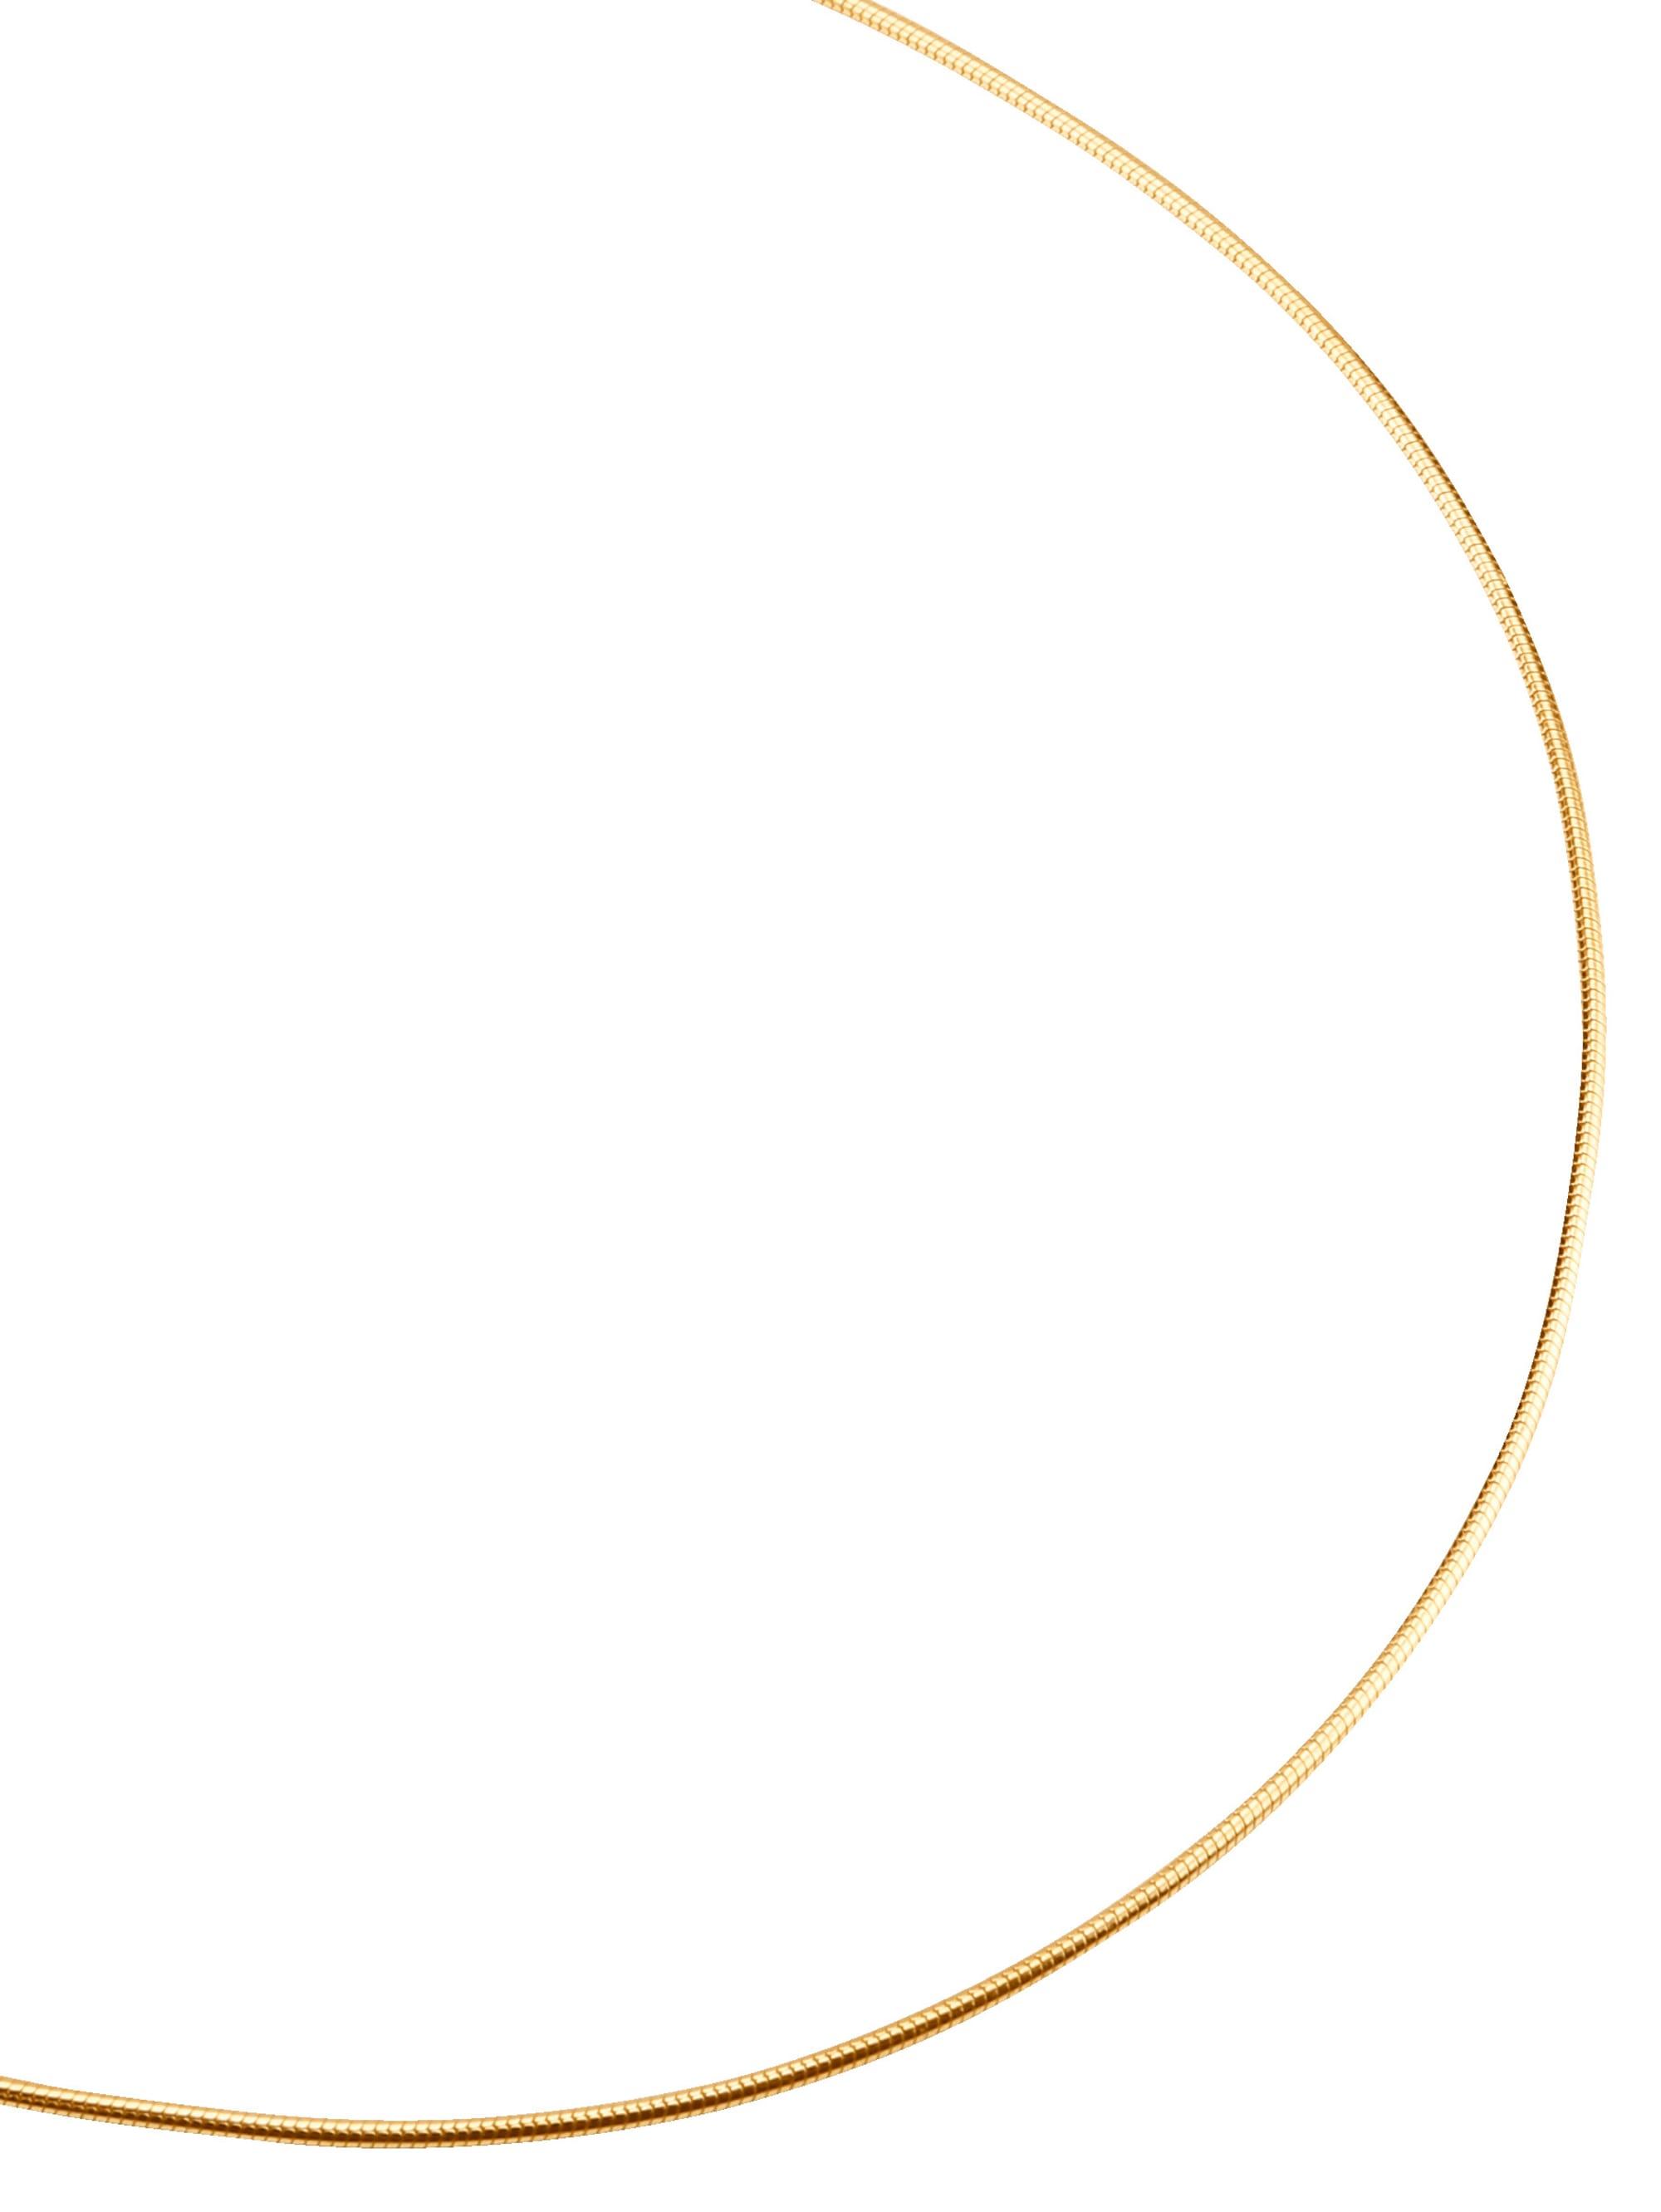 Schlangenkette in Silber 925 vergoldet KnpNU